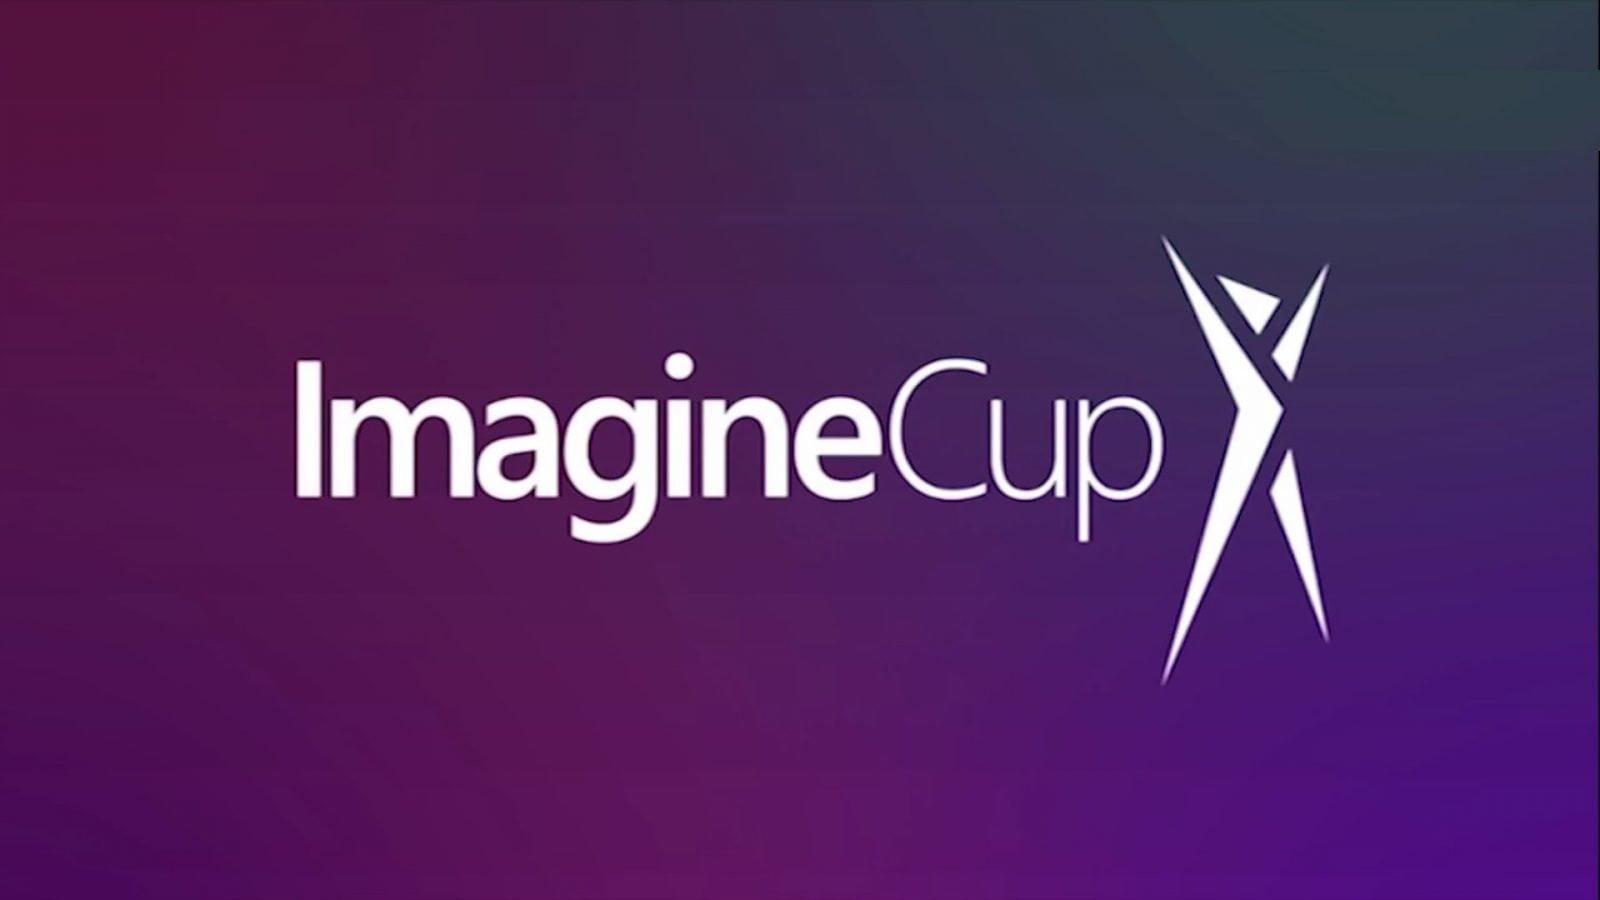 imagine cup microsoftimagine cup microsoft